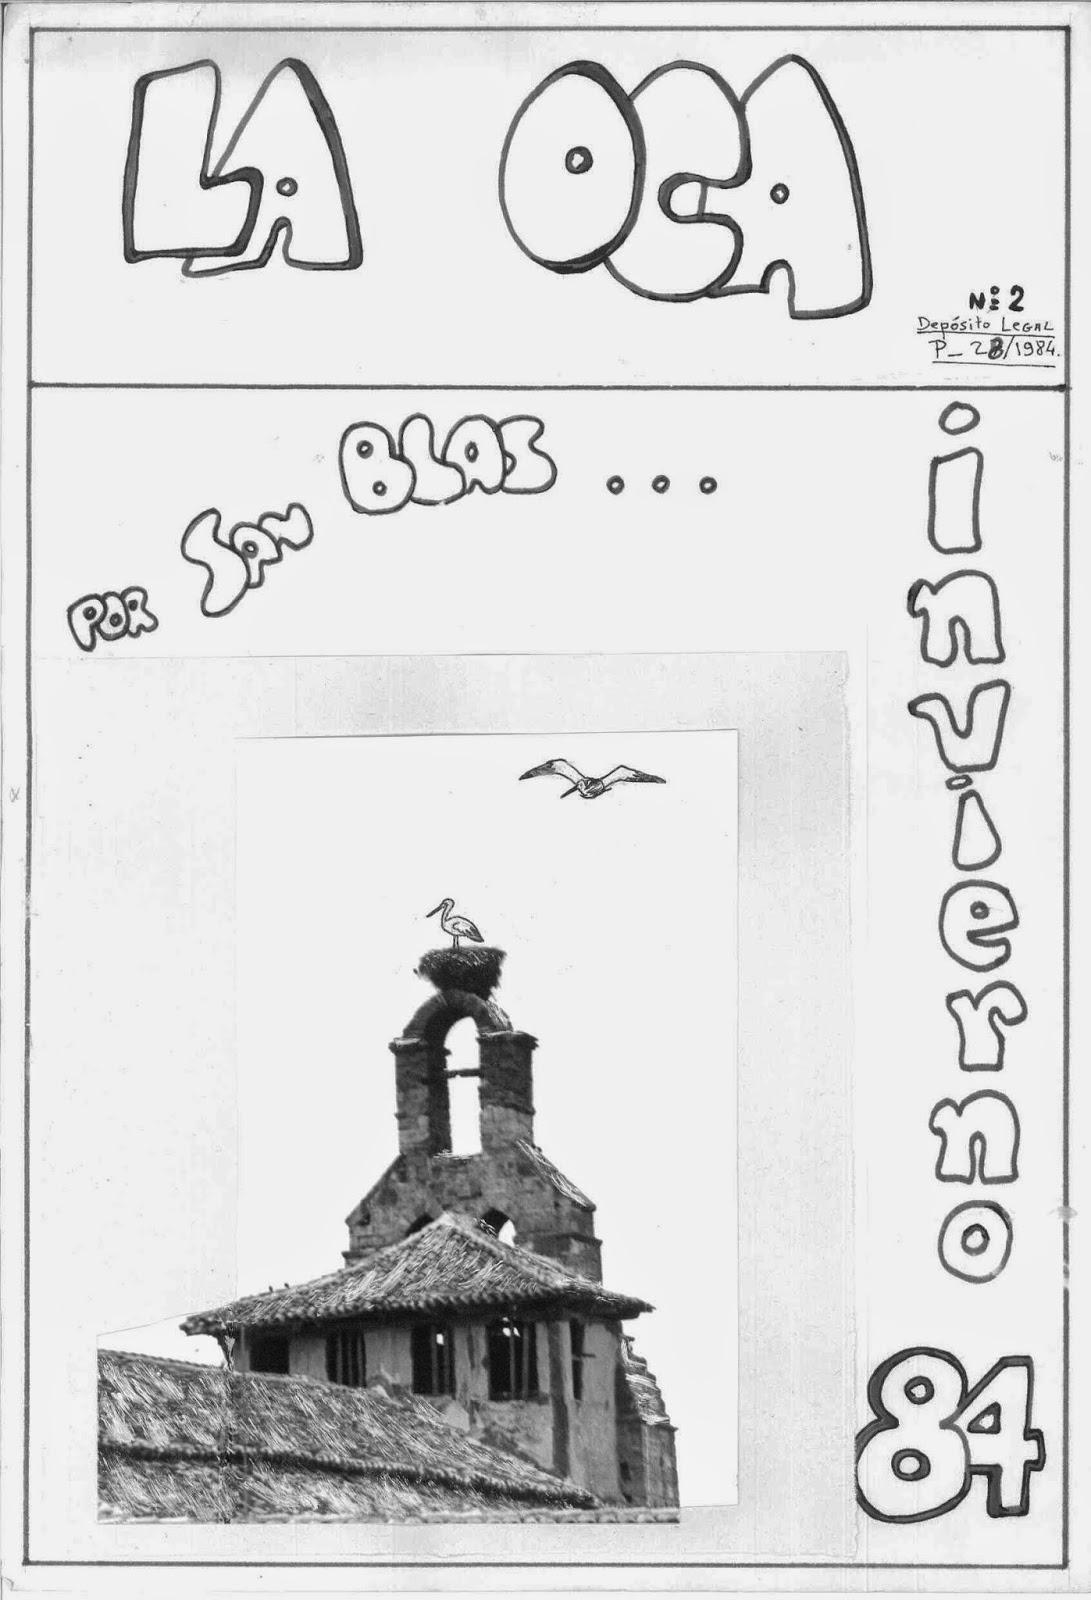 http://es.scribd.com/doc/223267649/La-Oca-n-02-Invierno-84